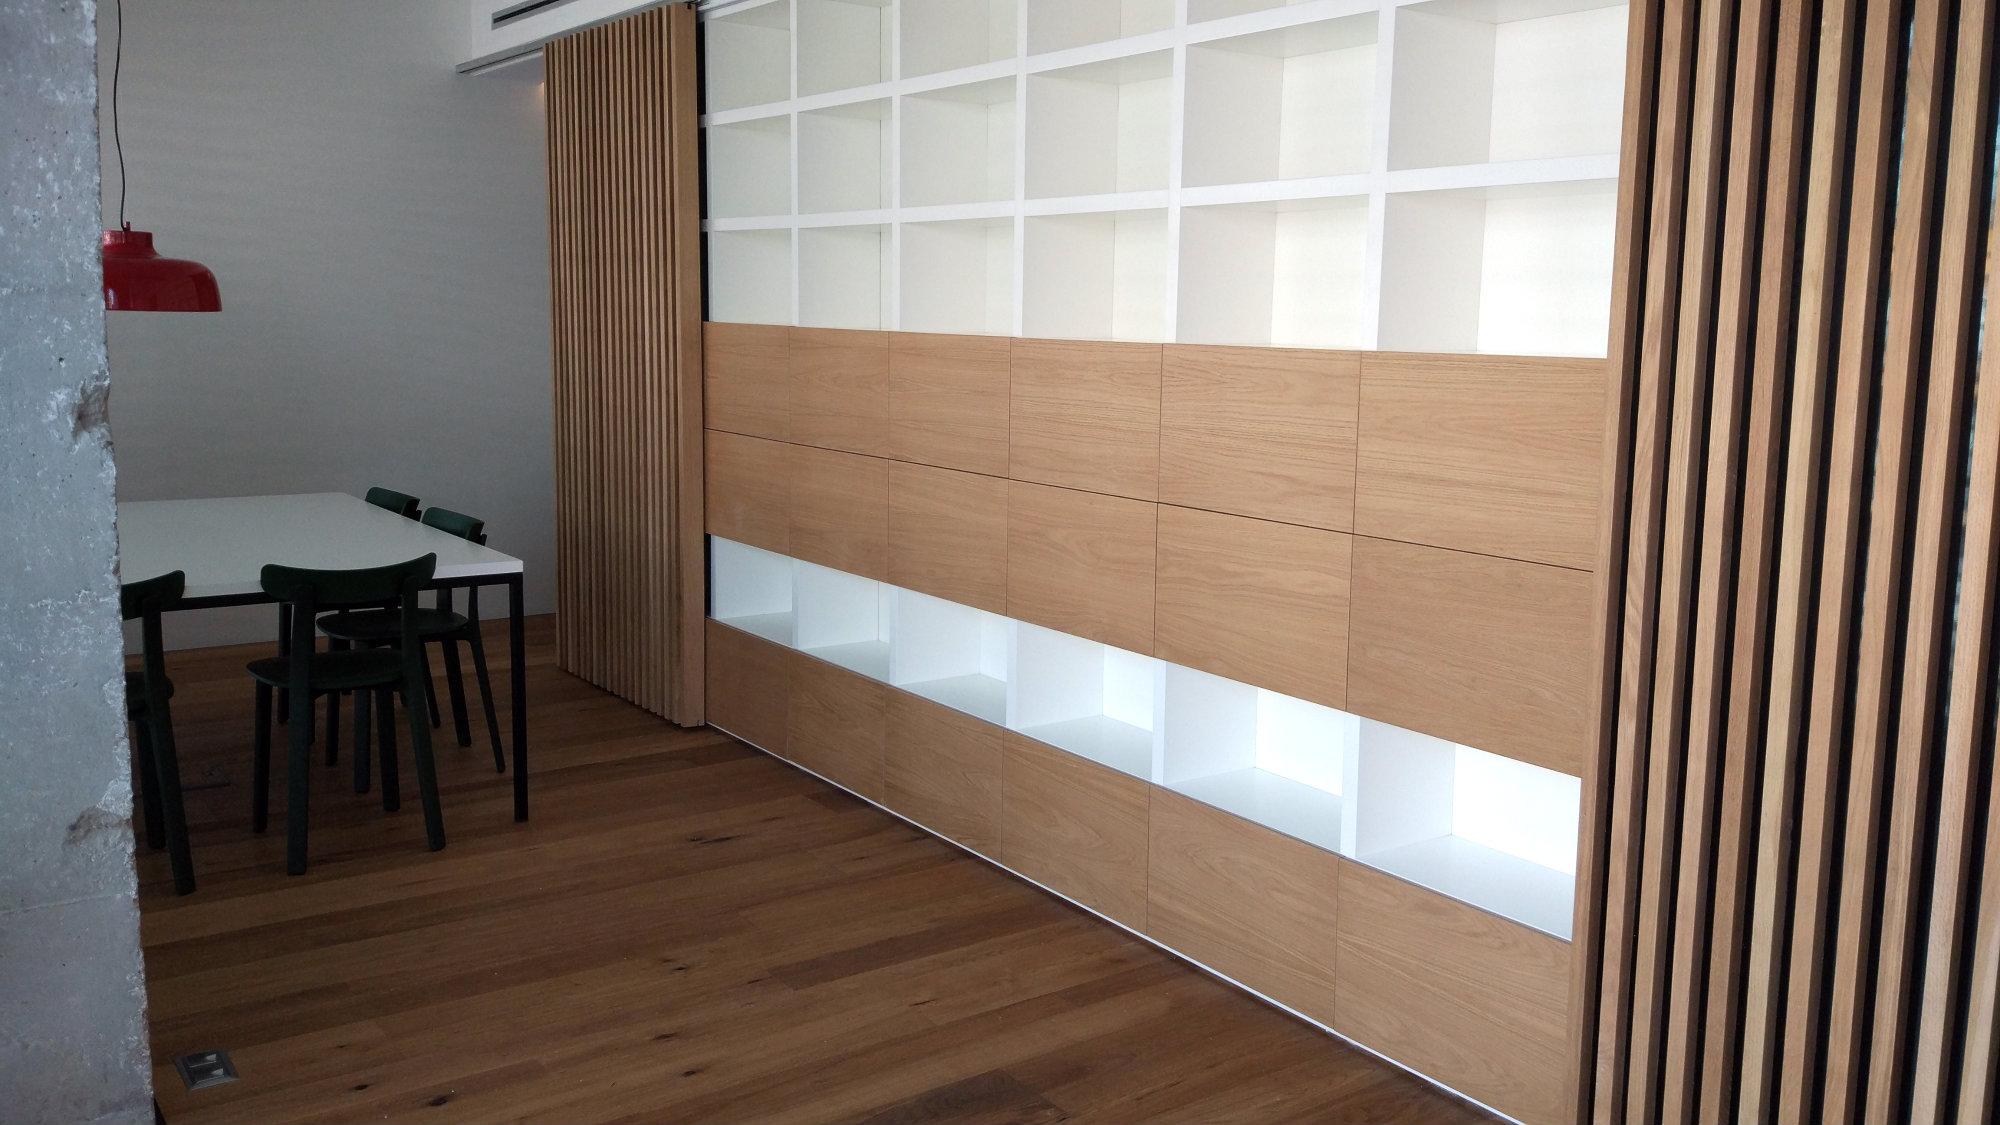 El piso de lolas awesome with el piso de lolas stunning for Pisos caixabank